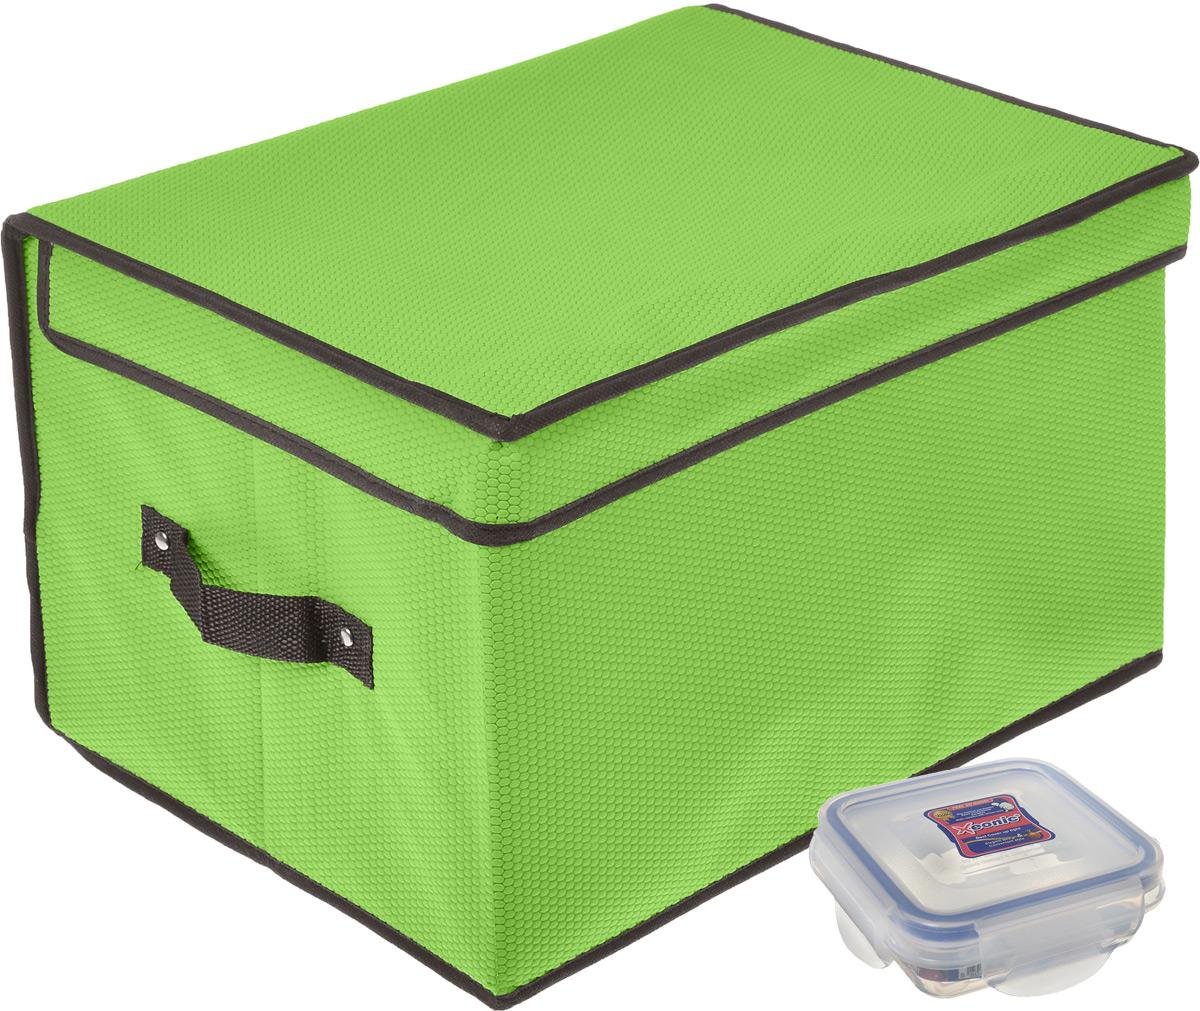 Кофр для хранения El Casa Соты, цвет: зеленый, 40 x 30 x 25 см + ПОДАРОК: Контейнер для хранения продуктов Xeonic, 110 мл370009+2Вместительный кофр El Casa Соты, изготовленный из дышащего нетканого волокна, предназначен для хранения одеял, пледов и домашнего текстиля. Специальный нетканый материал позволяет воздуху проникать внутрь, при этом надежно защищая вещи от грязи, пыли и насекомых. Оригинальный дизайн сделает вашу гардеробную красивой и невероятно стильной. Размер кофра (в собранном виде): 40 см х 30 см х 25 см. В подарок к кофру прилагается герметичный контейнер для продуктов. Контейнер для хранения продуктов выполнен из высококачественного полипропилена. Он имеет 100% герметичность, термоустойчив, может быть использован в микроволновой печи и в морозильной камере, устойчив к воздействию масел и жиров, не впитывает запах. Удобен в использовании, долговечен, легко открывается и закрывается, не занимает много места. Контейнер можно мыть в посудомоечной машине. Размер контейнера: 9,5 см х 9,5 см х 3 см. Объем контейнера: 110 мл.